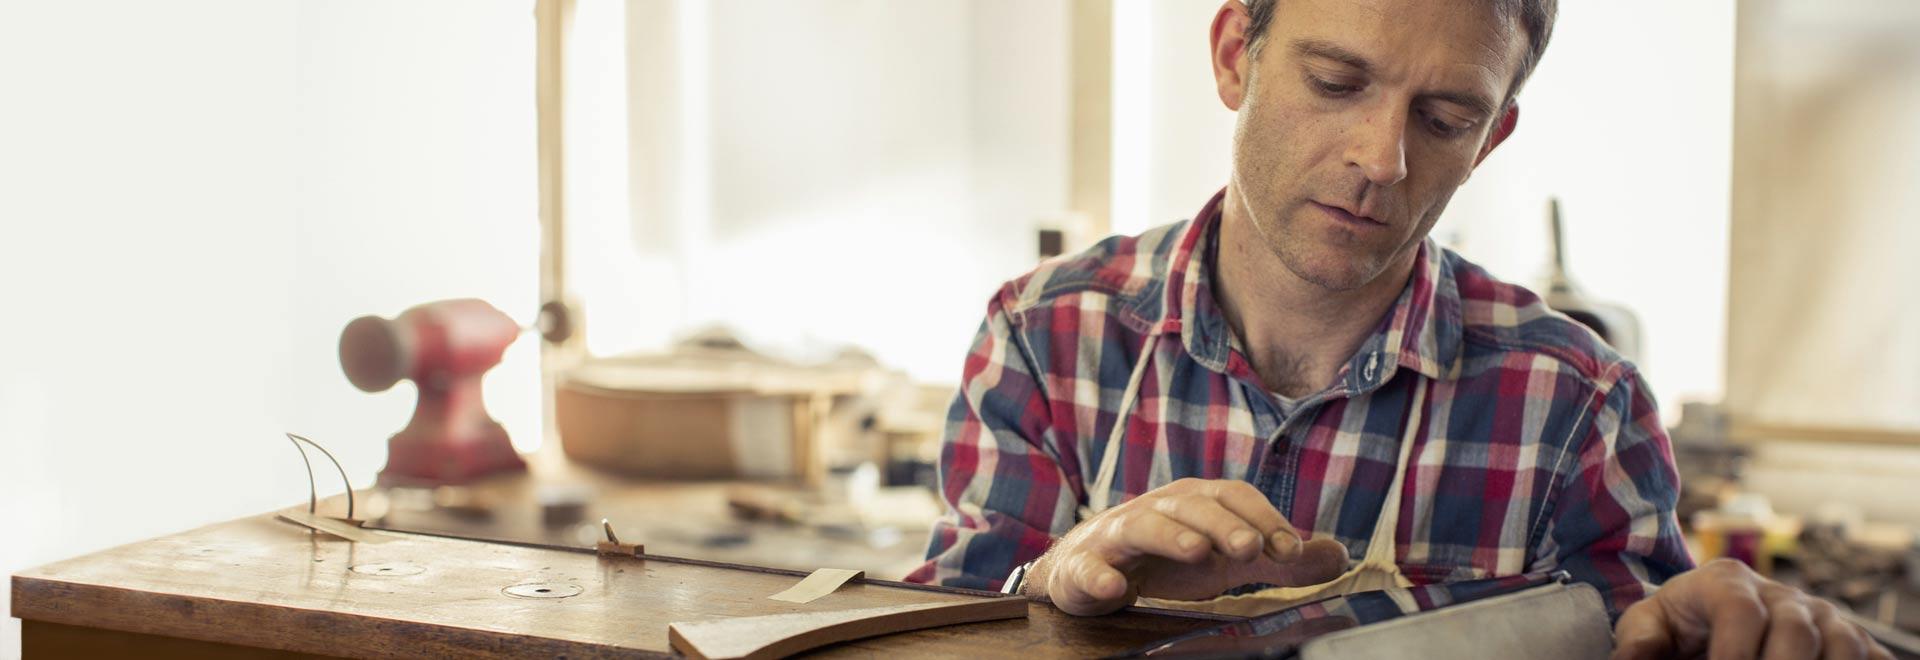 Homme dans un atelier utilisant Office365 Business sur une tablette